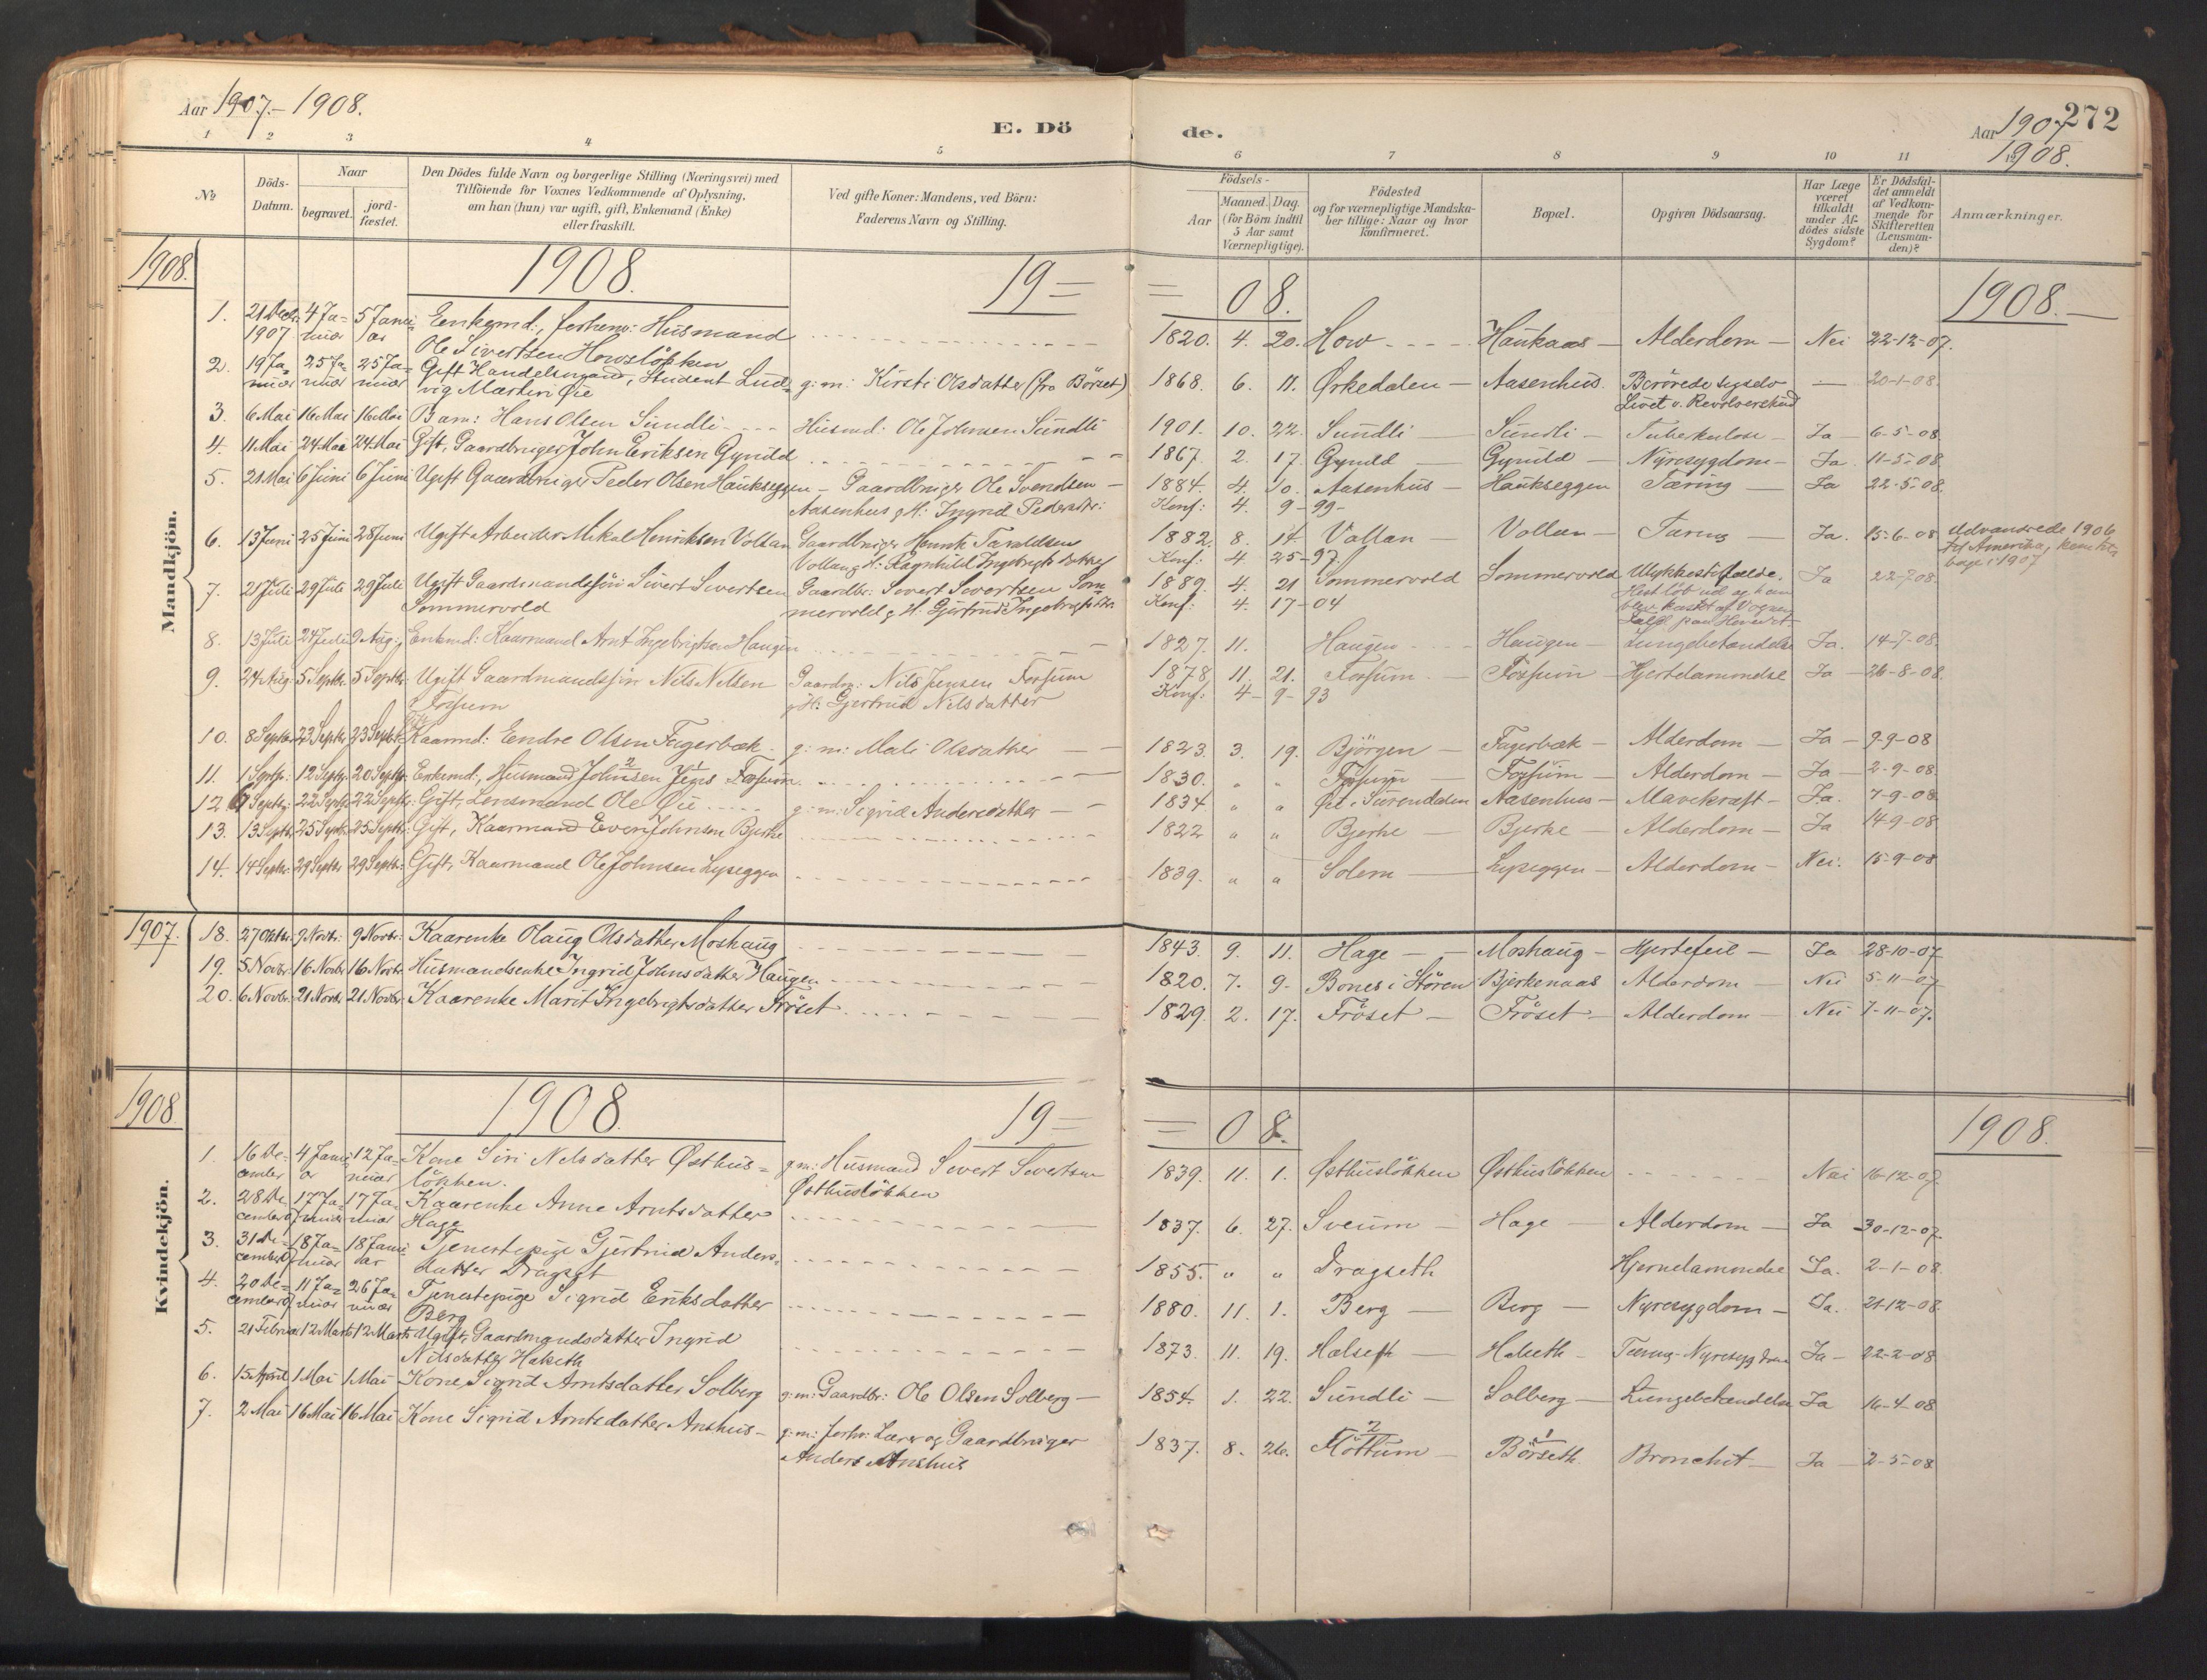 SAT, Ministerialprotokoller, klokkerbøker og fødselsregistre - Sør-Trøndelag, 689/L1041: Ministerialbok nr. 689A06, 1891-1923, s. 272